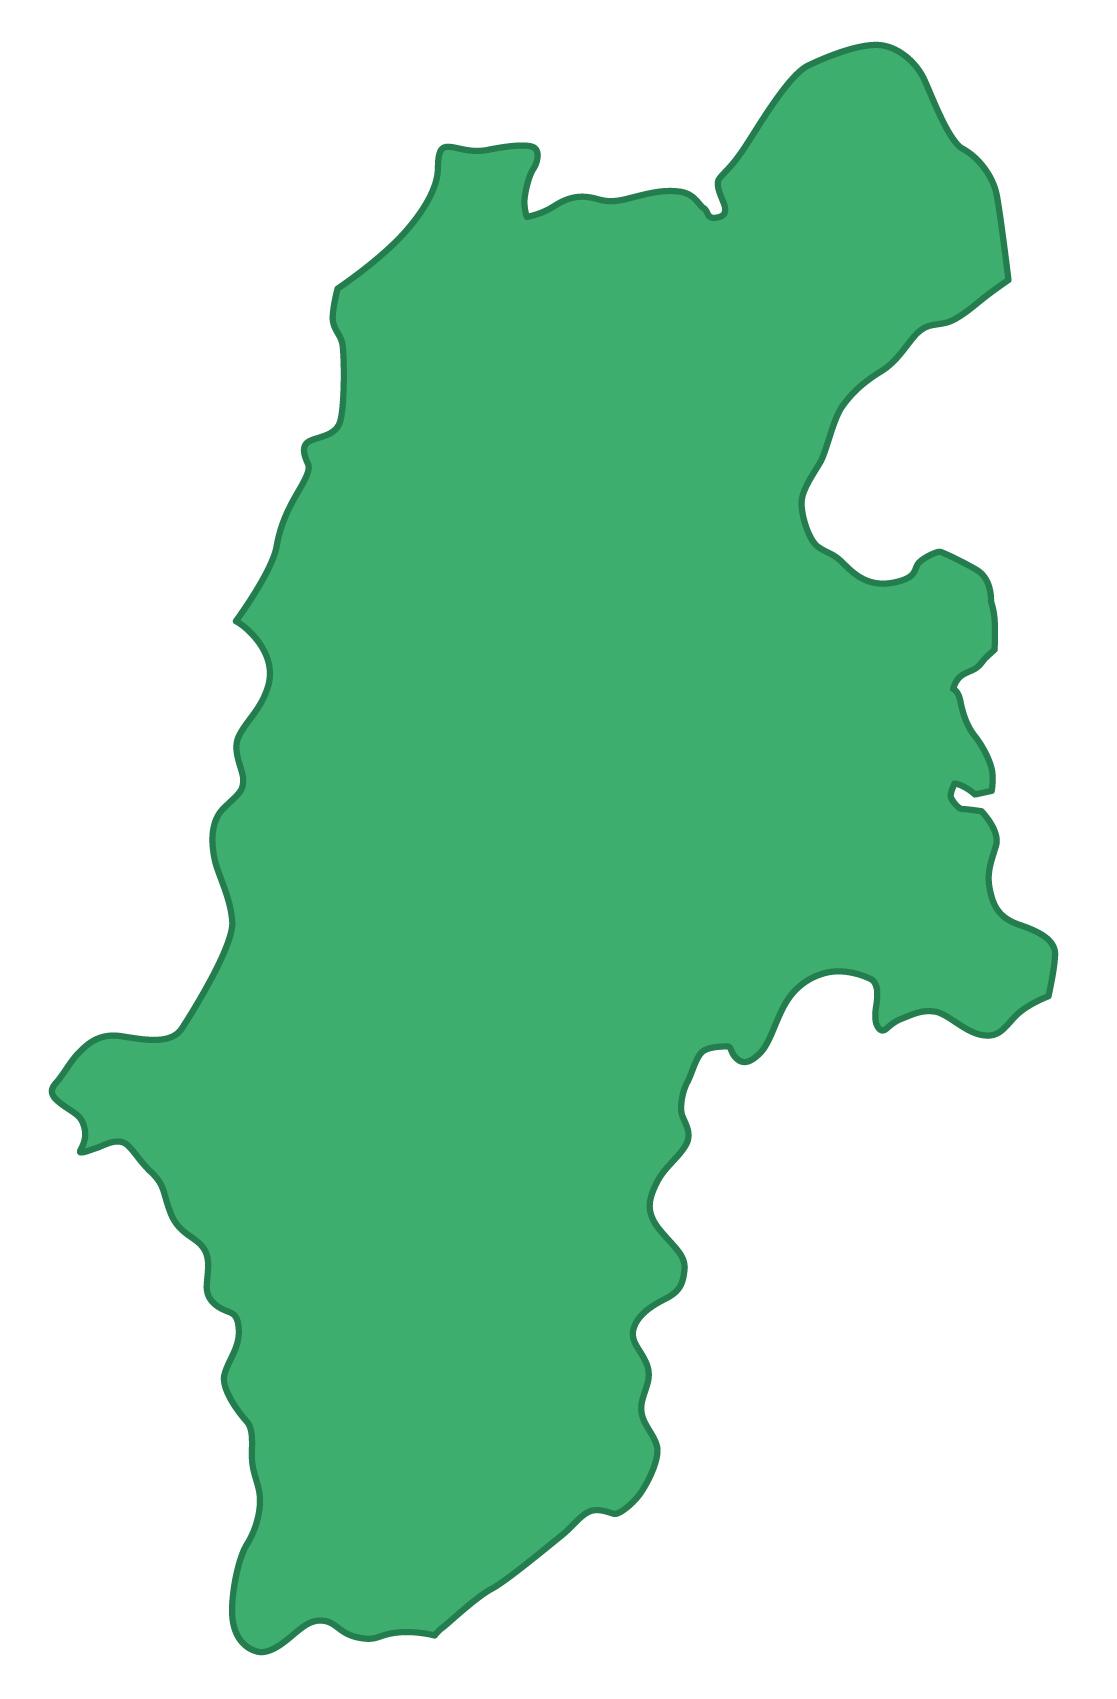 長野県無料フリーイラスト|文字なし(緑)